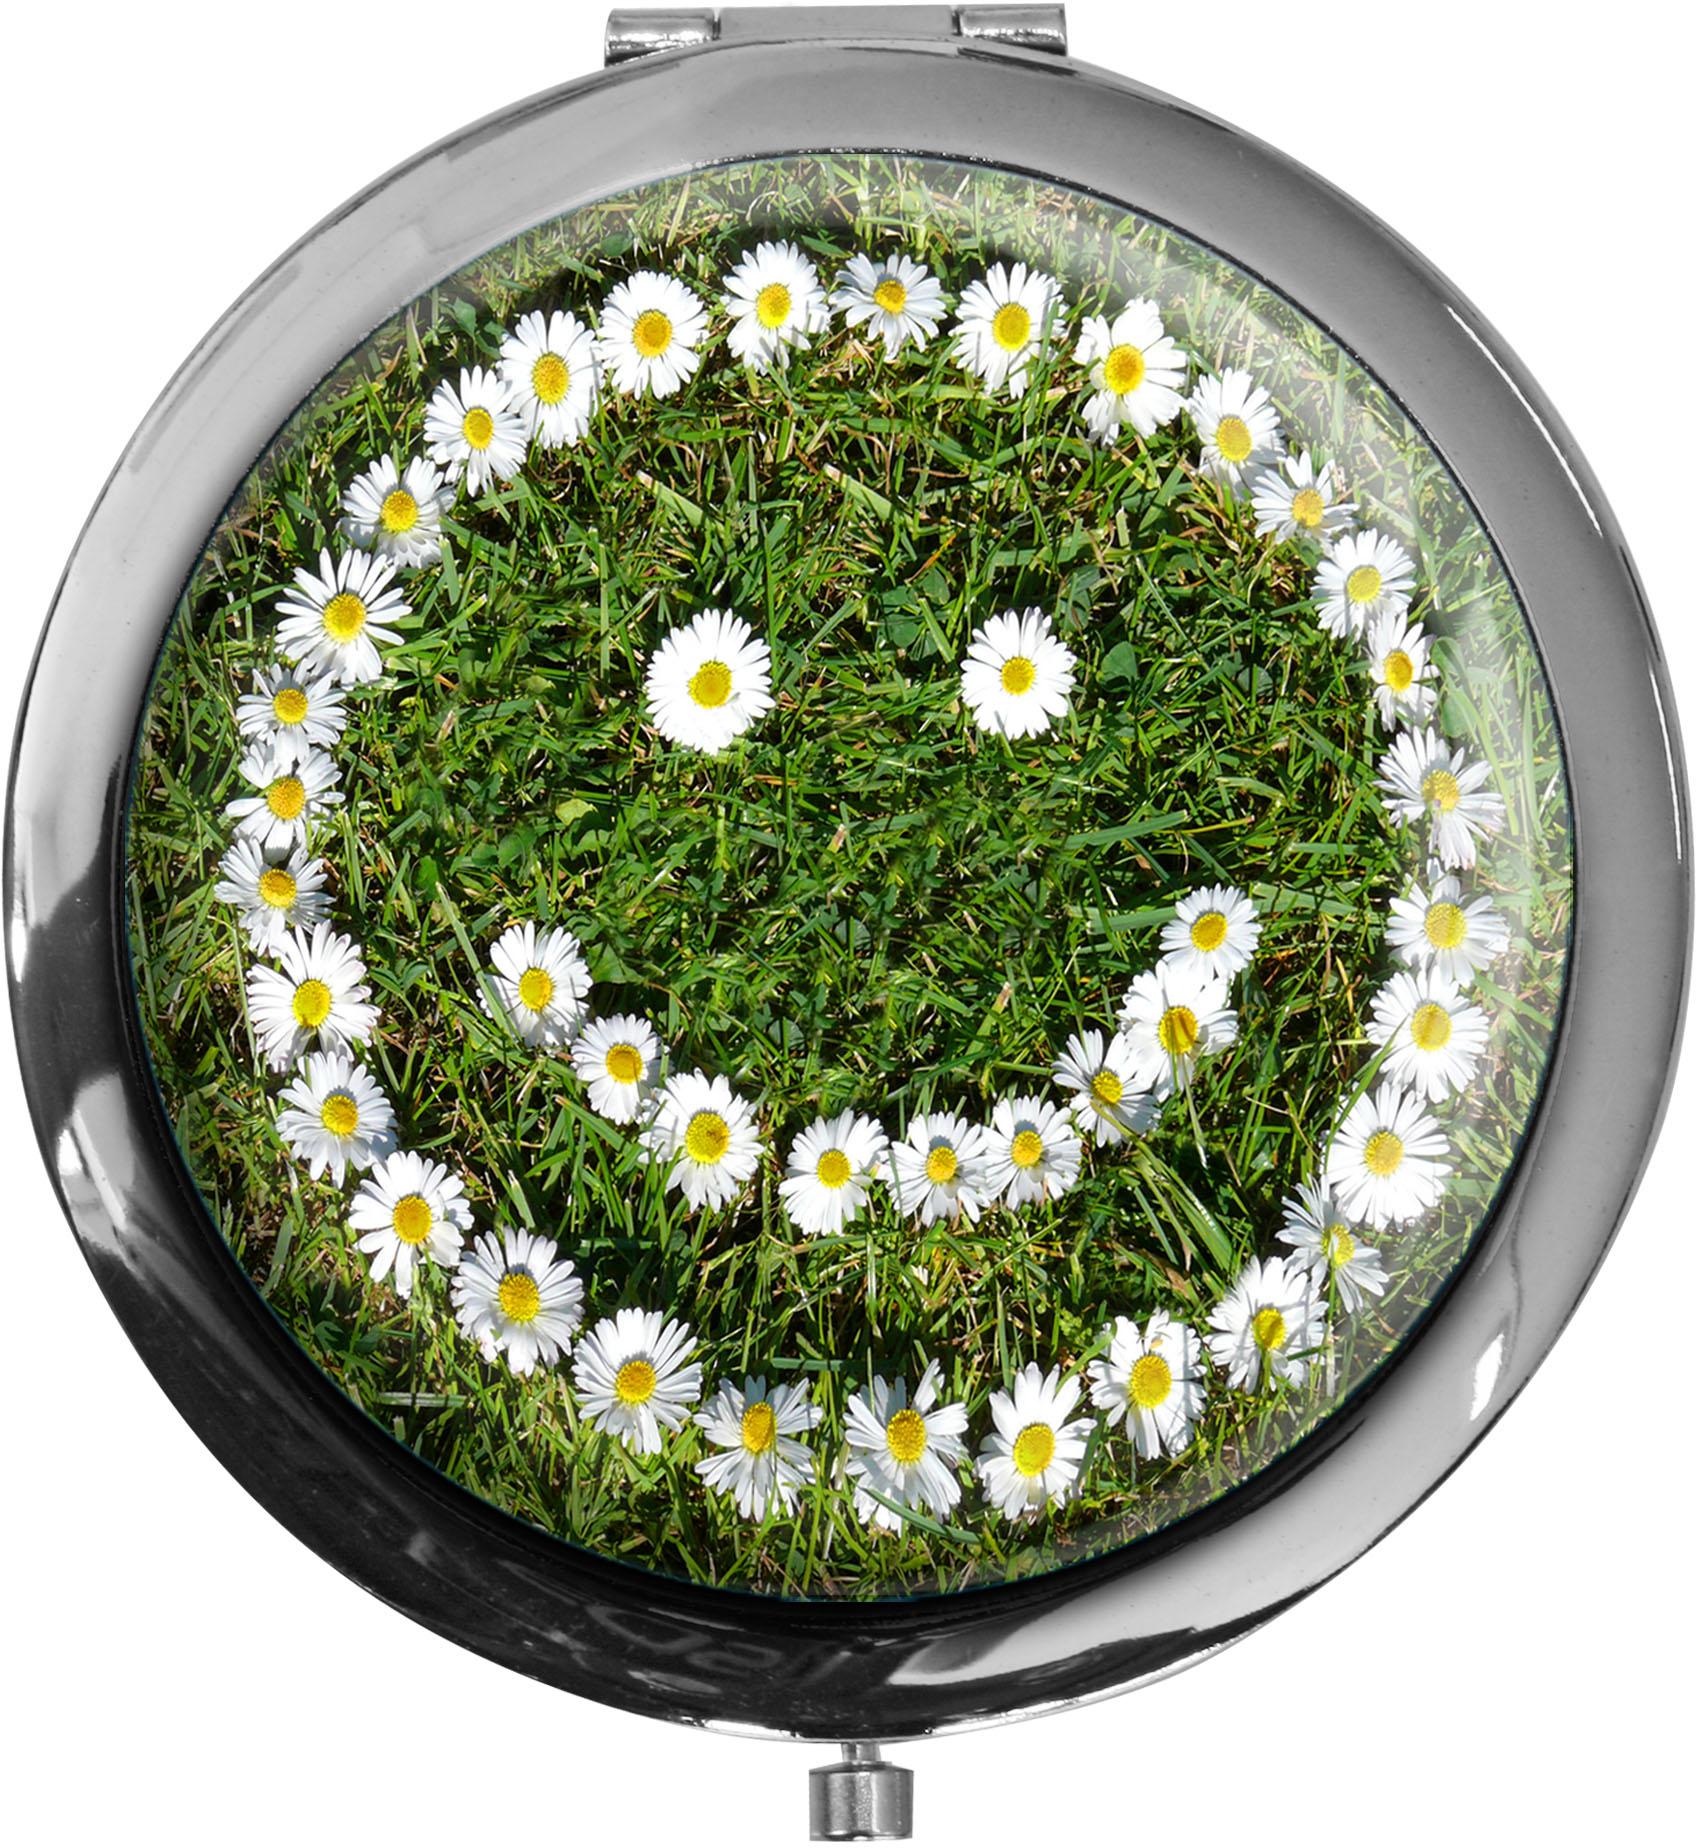 Taschenspiegel / Spiegel / Smiley